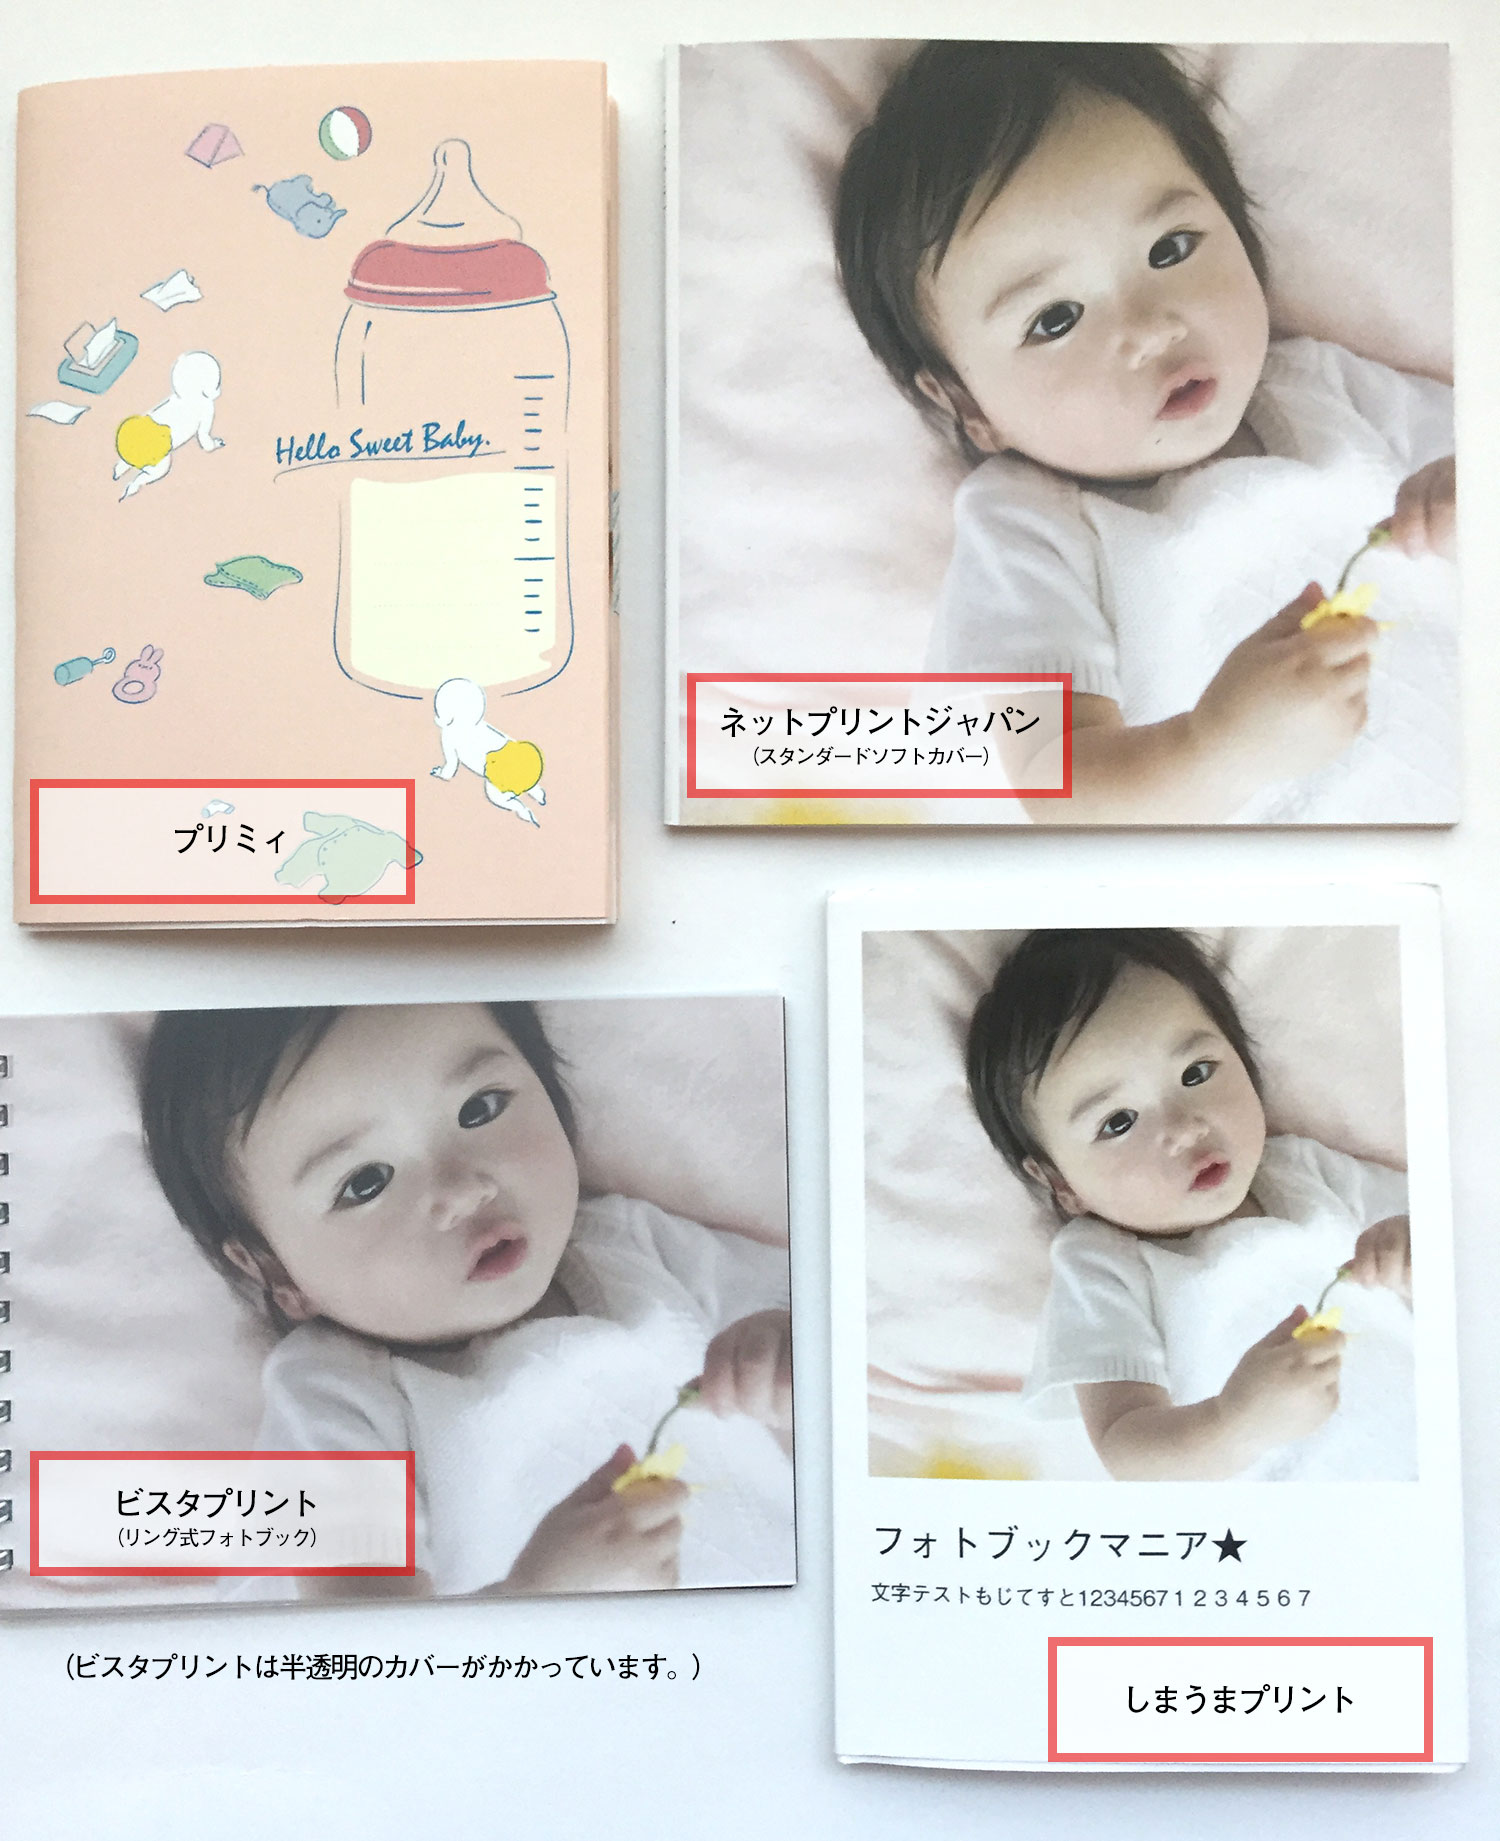 安いフォトブック4選!「同じ画像で」比較して綺麗なのは?【画質/値段比較】